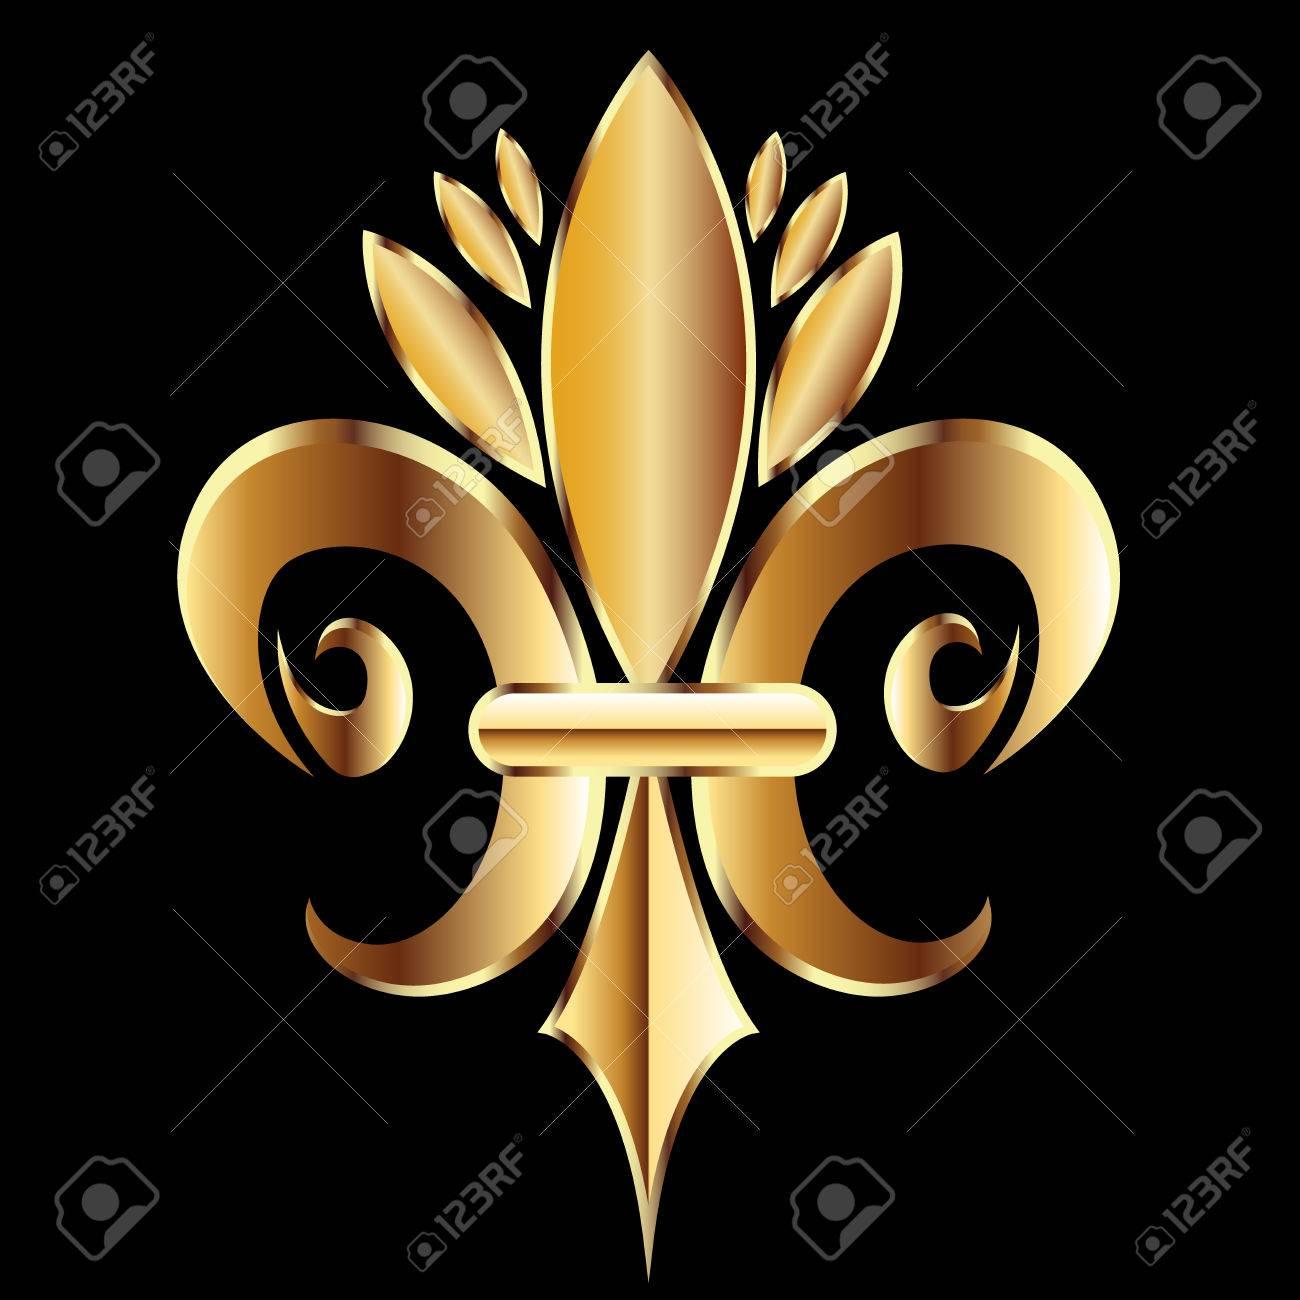 gold fleur de lis flower new orleans symbol logo icon vector